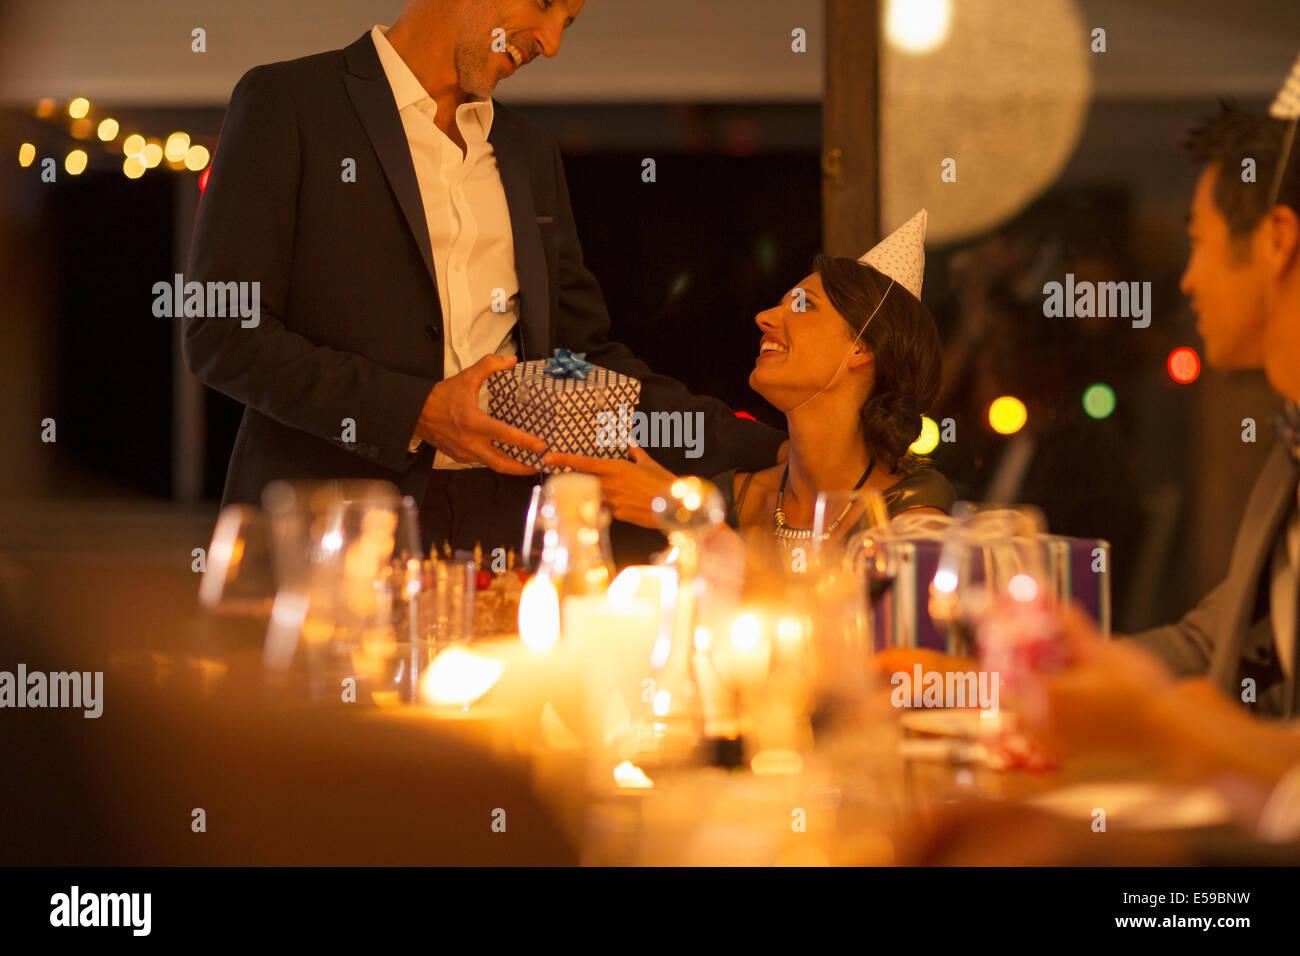 Hombre haciendo esposa de regalo en la fiesta de cumpleaños Imagen De Stock